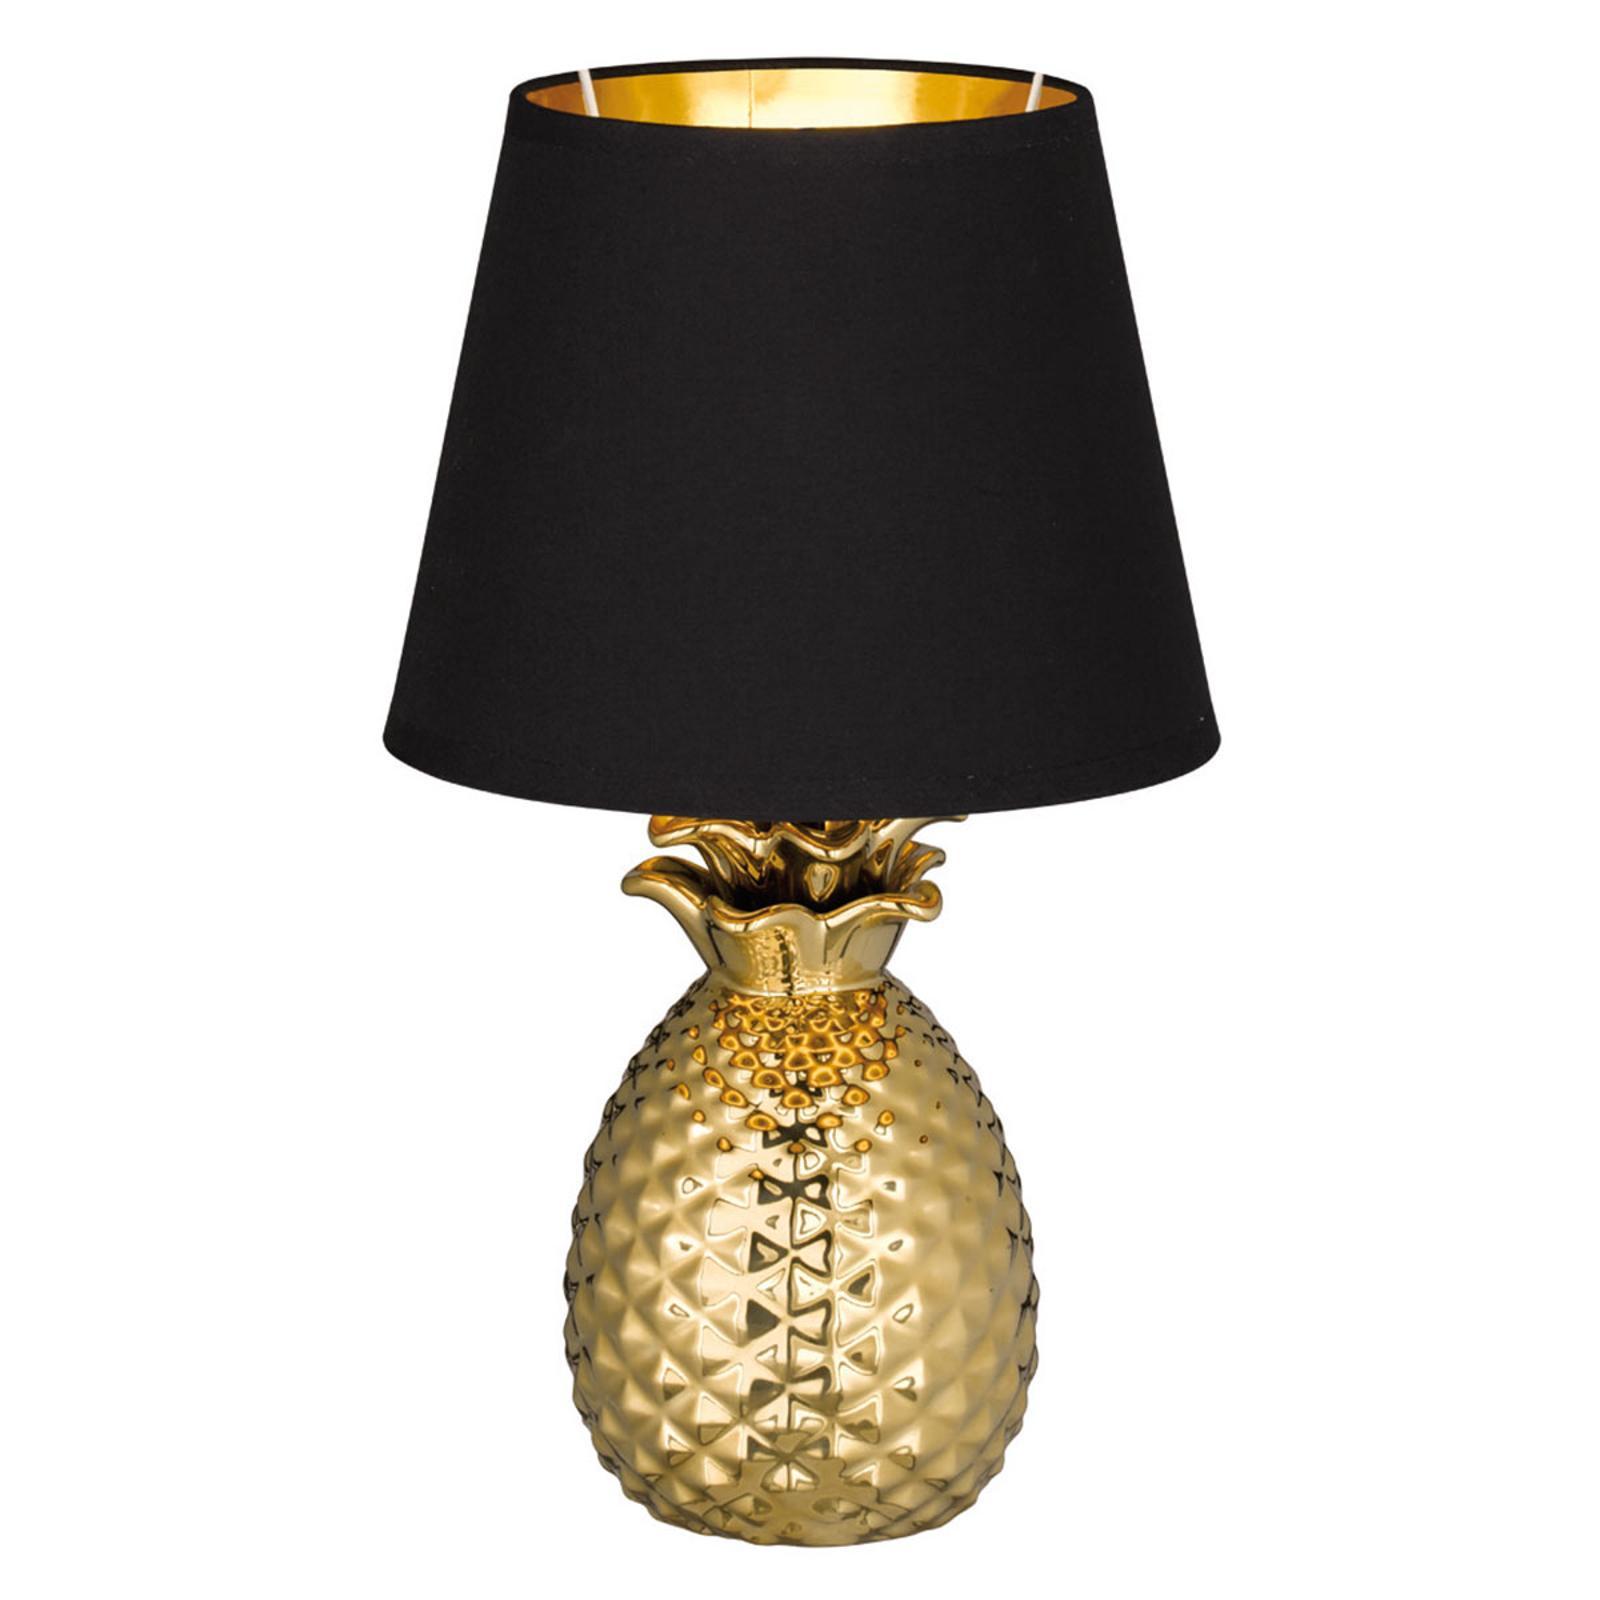 Tischlampe Gold Schwarz